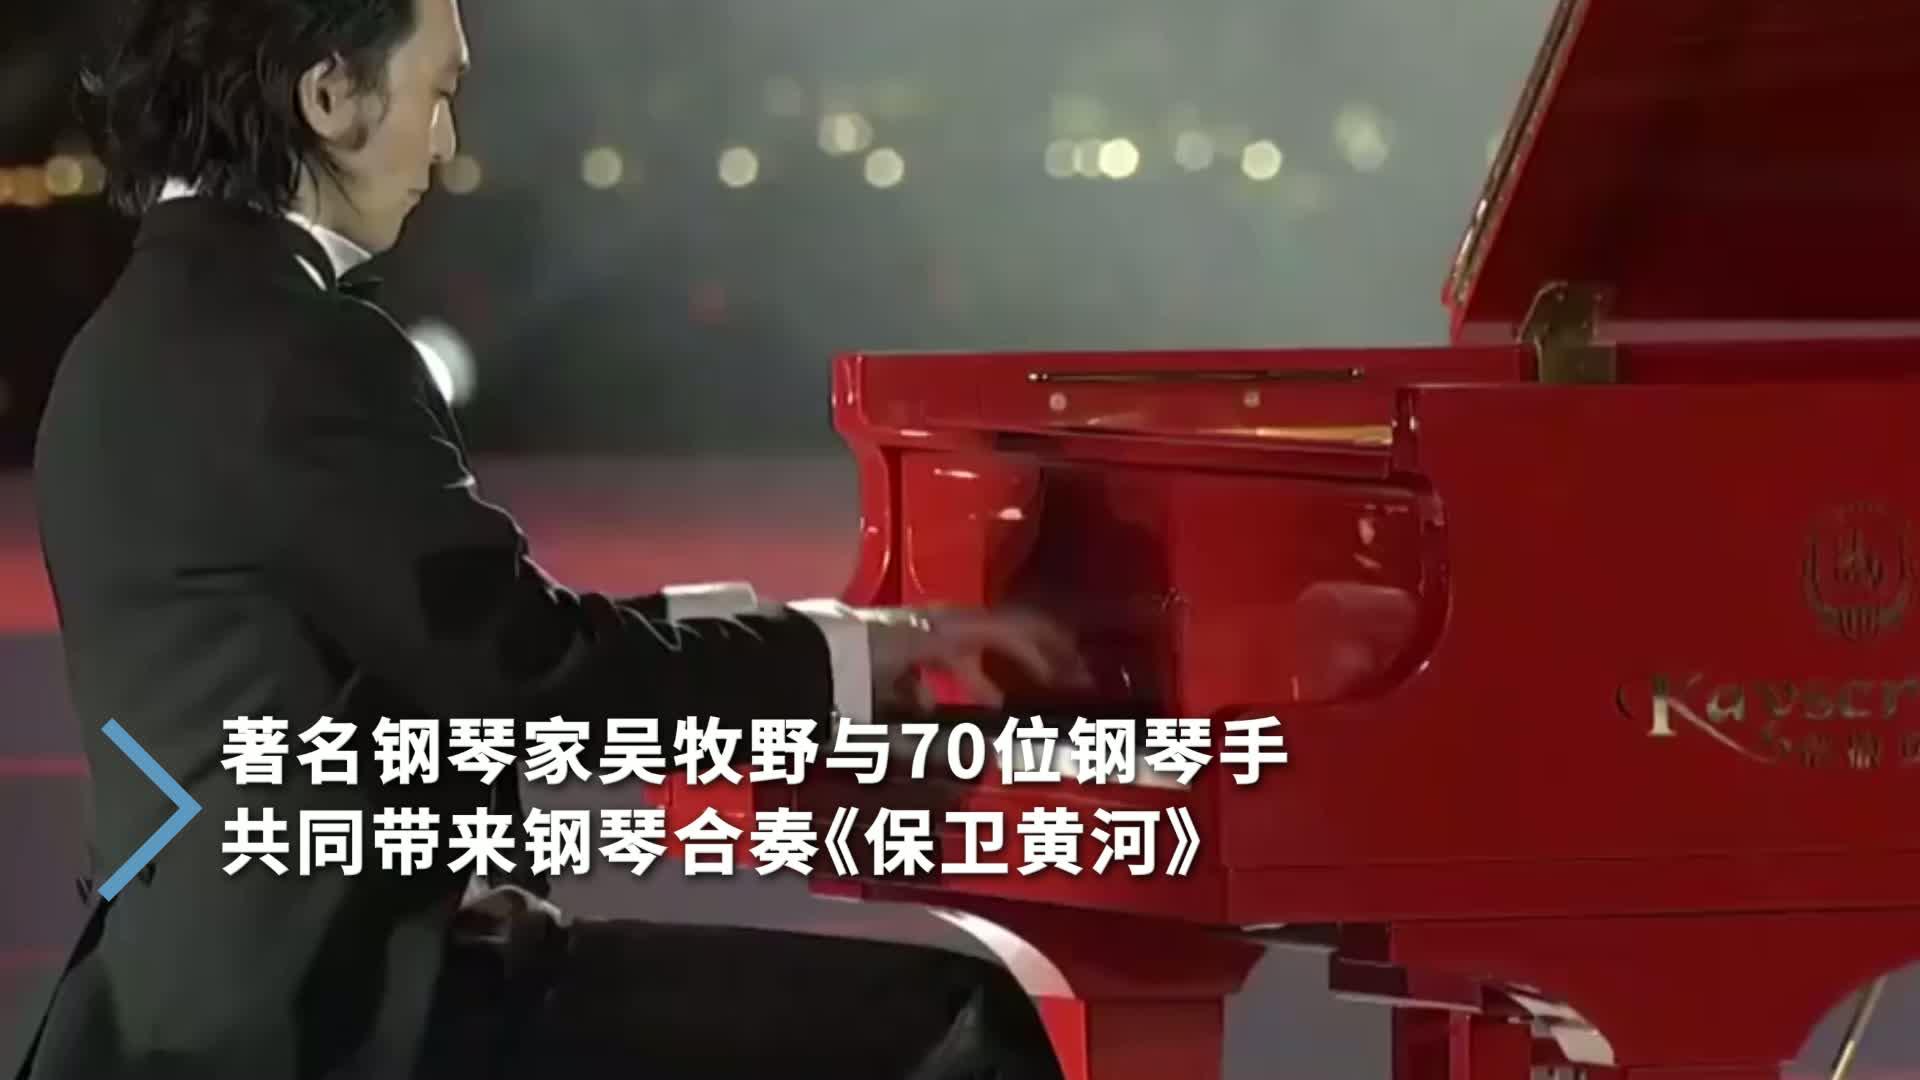 70位钢琴手在珠江河畔,同贺新中国成立70周年